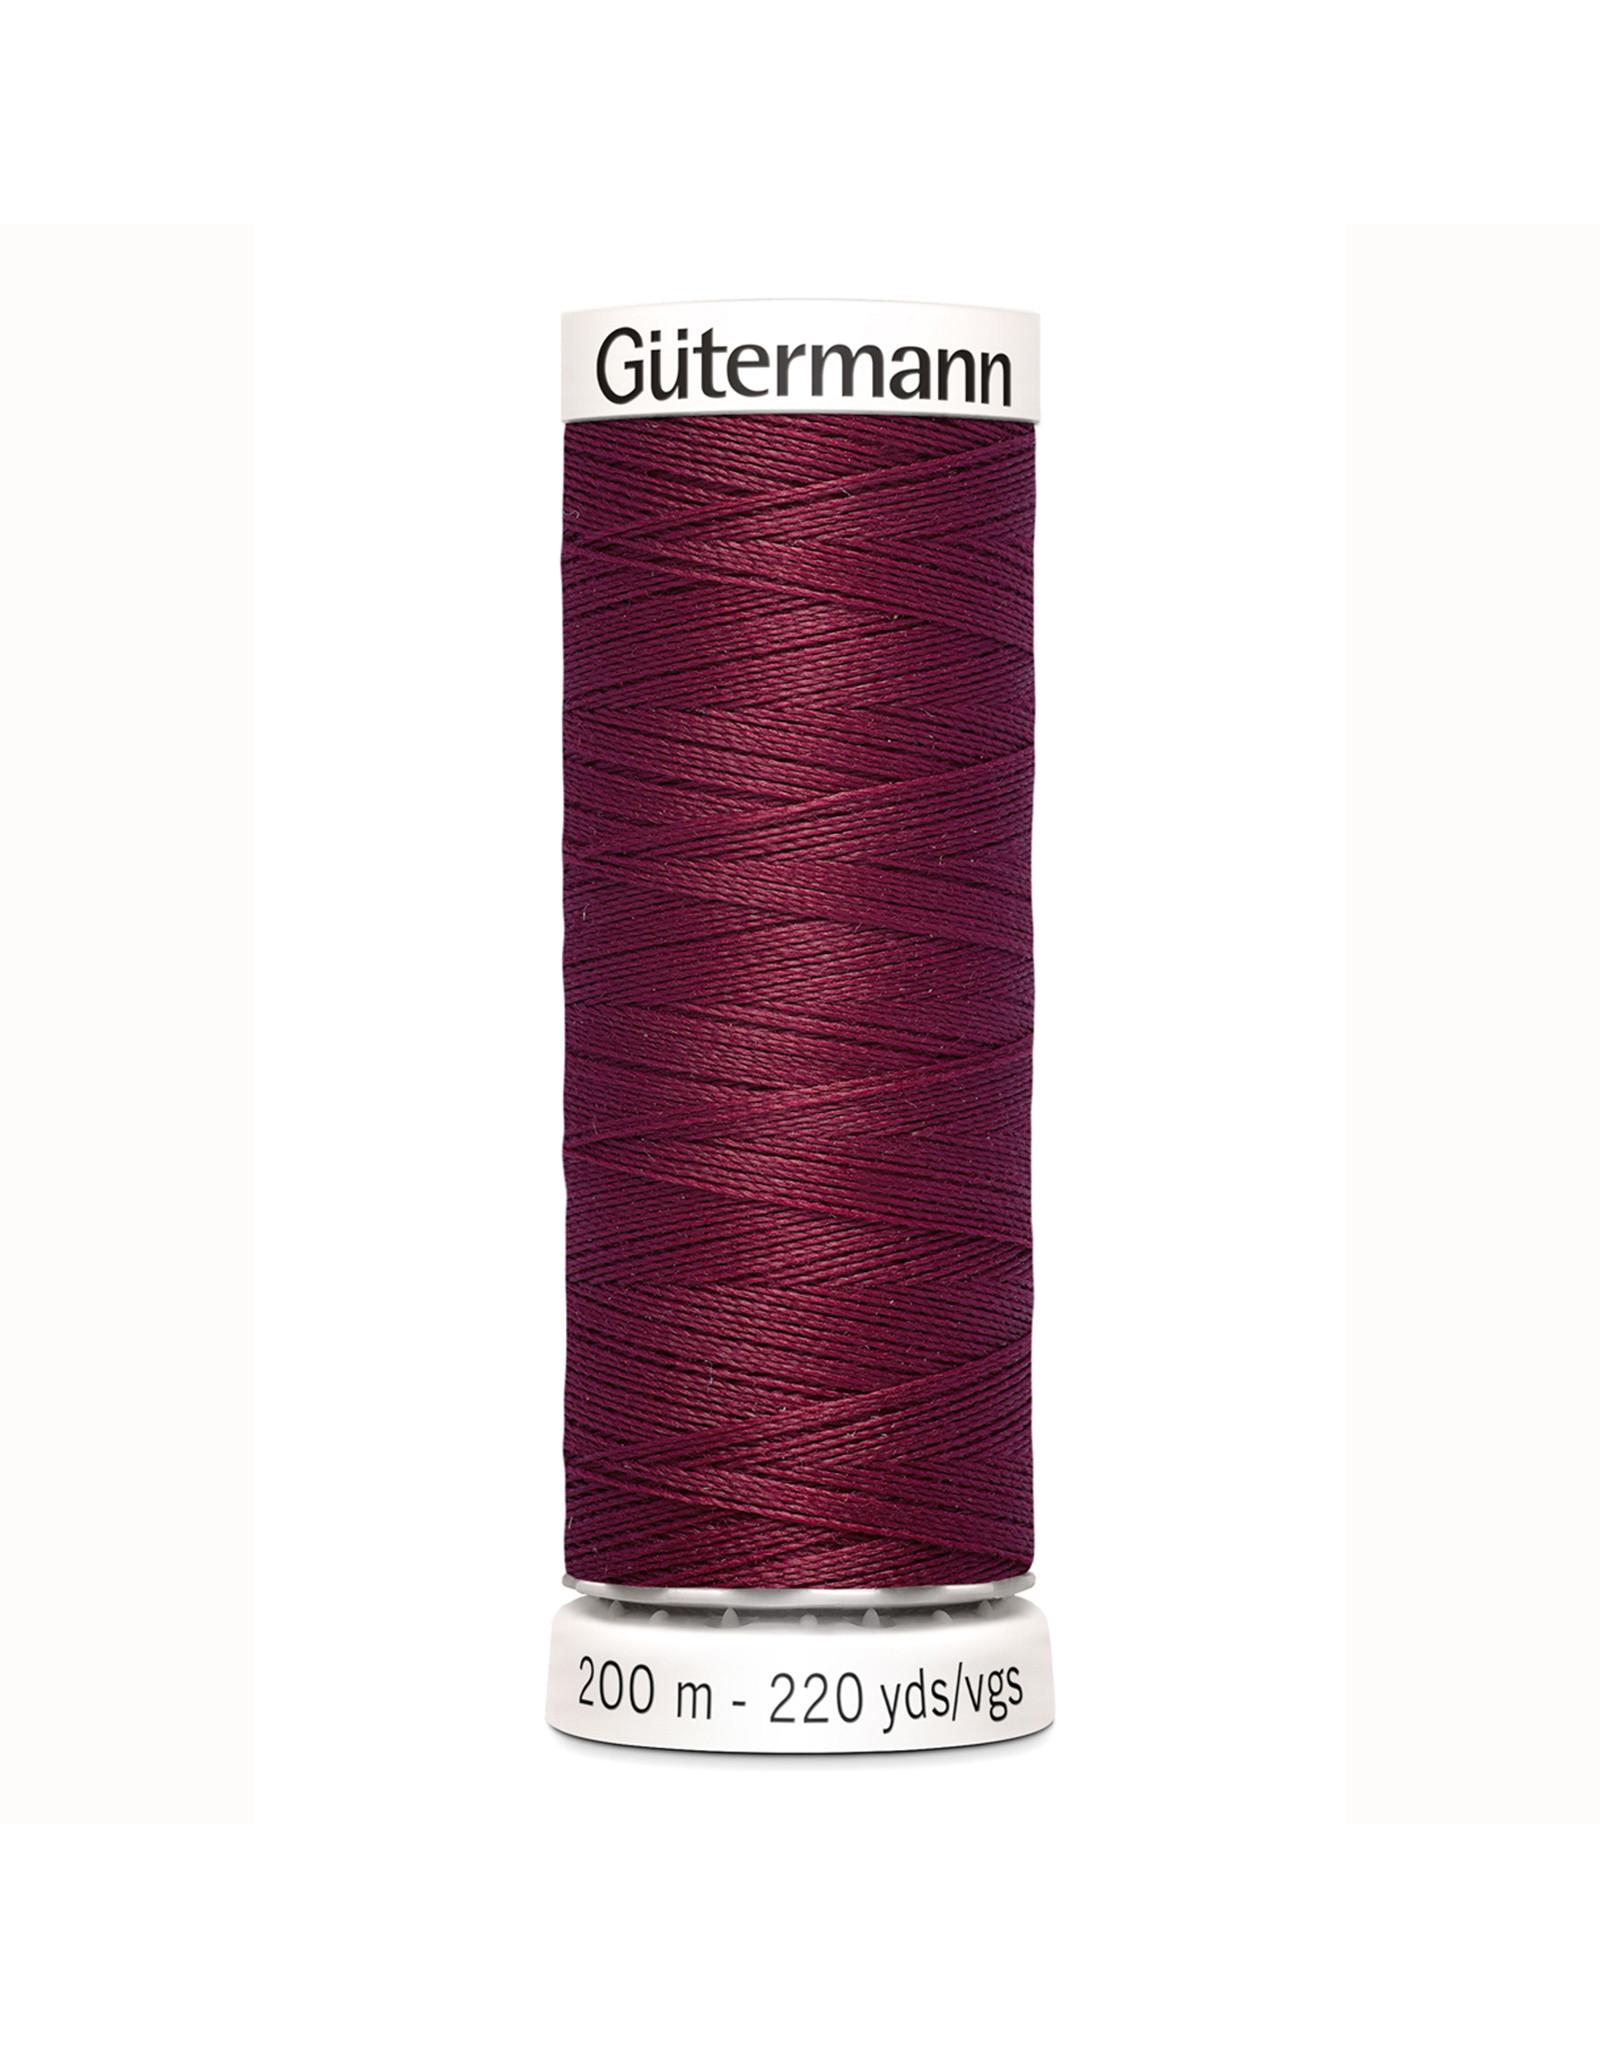 Gütermann Gütermann Nähgarn 200 m - nr 375